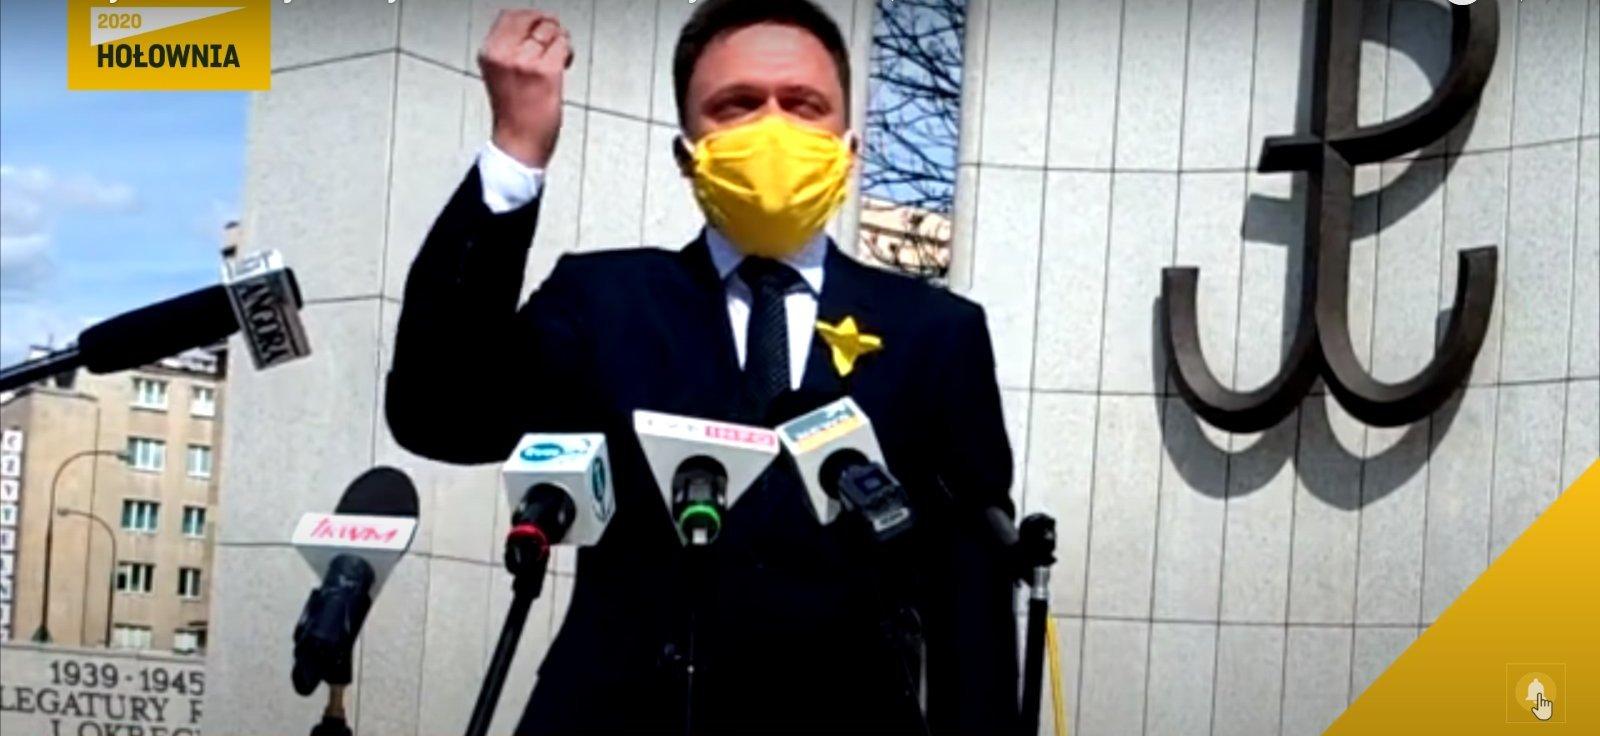 propolski.pl: Szymon Hołownia wyznał, że chce zostać premierem